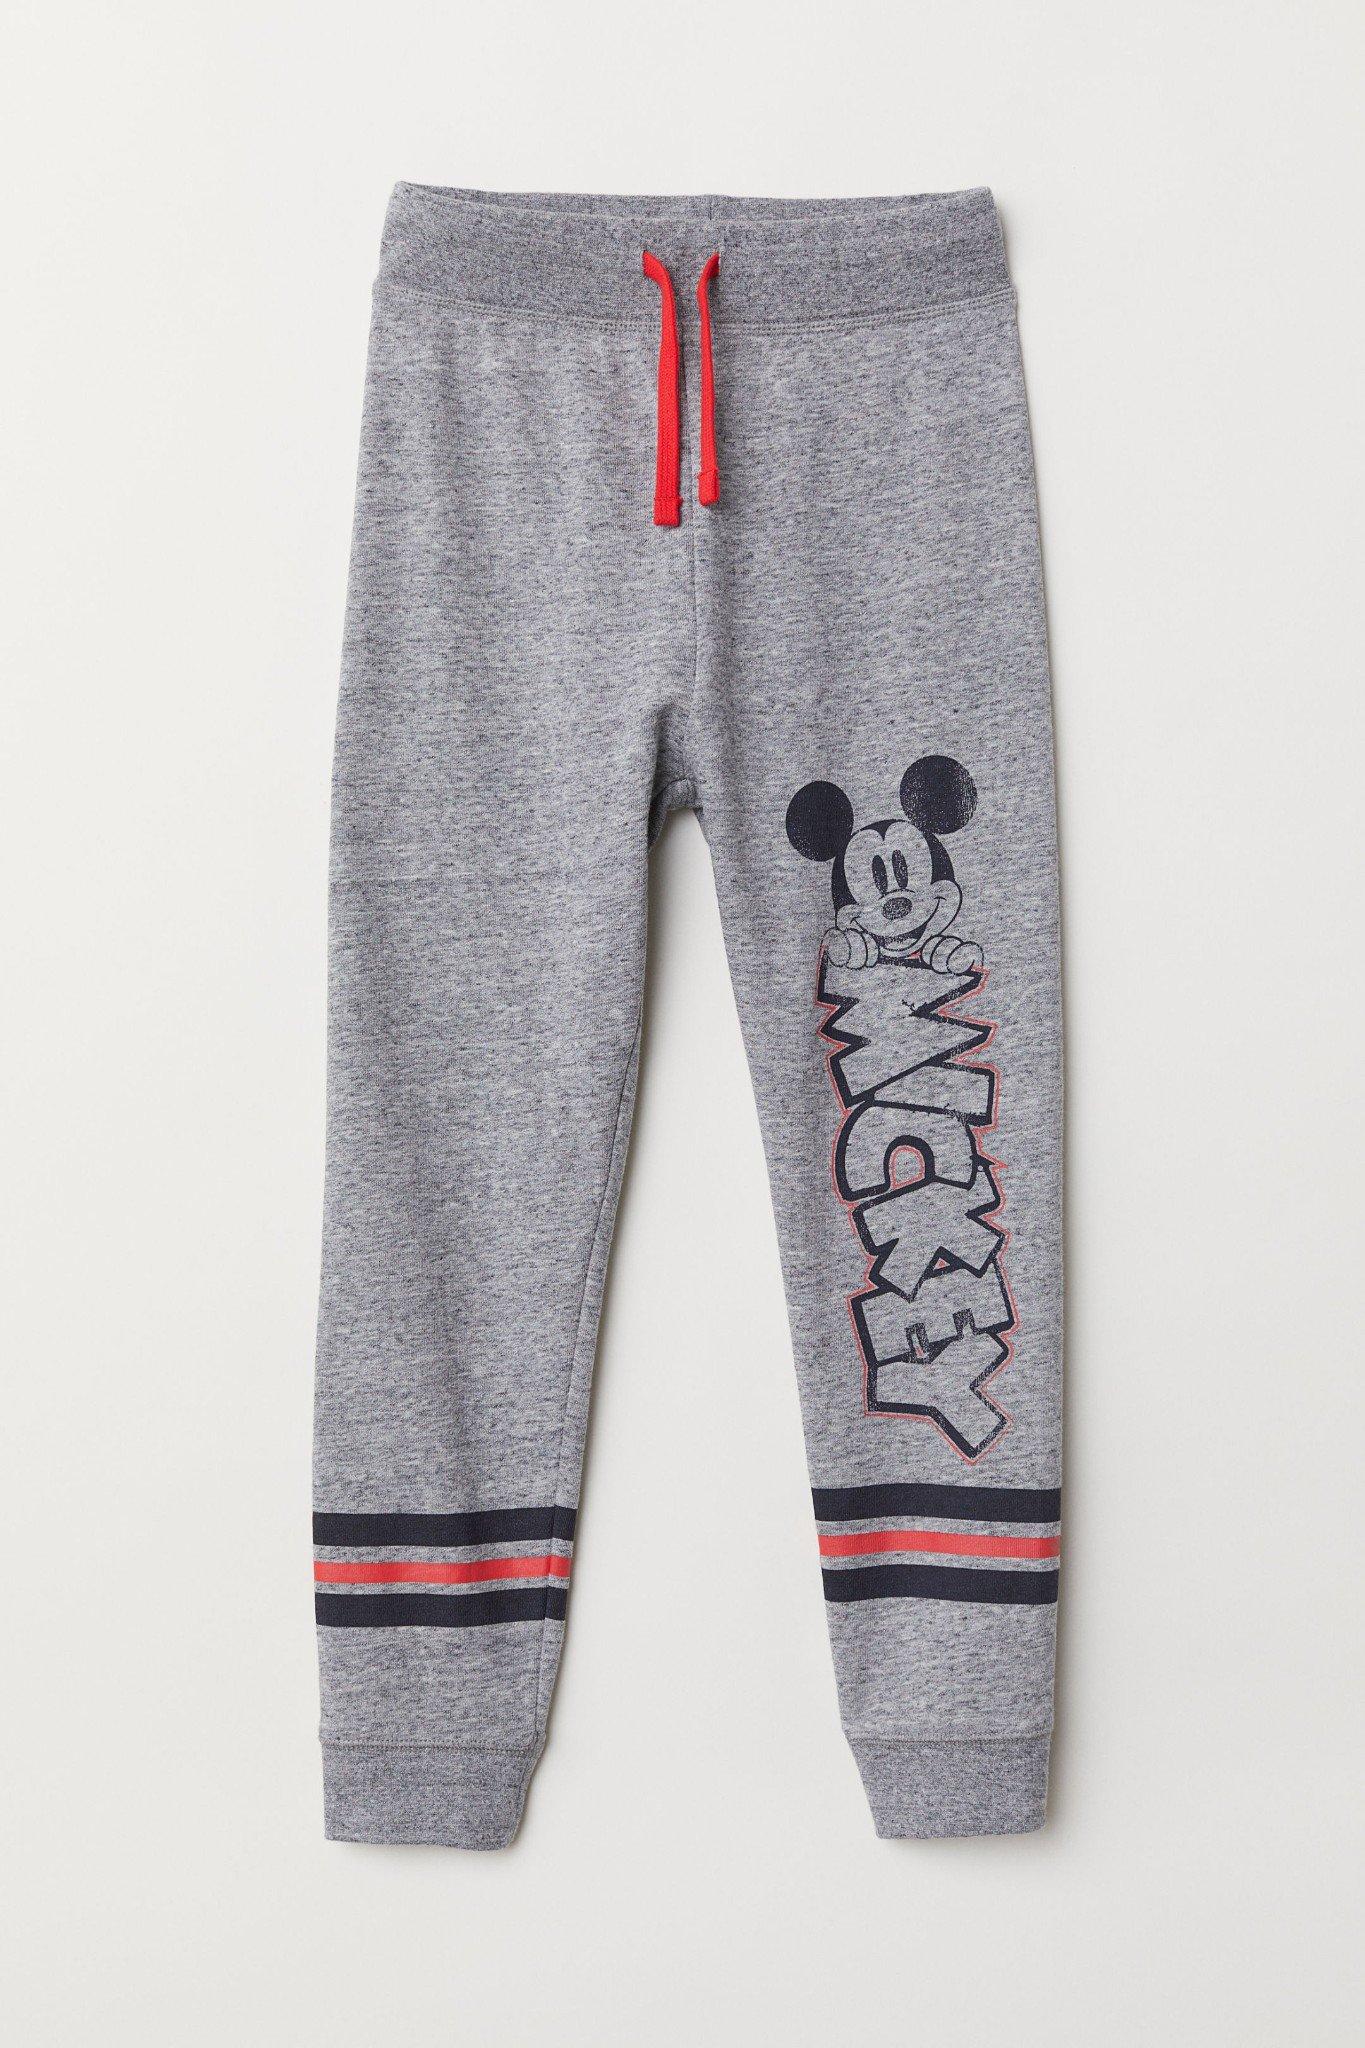 [17-18kg] Quần Nỉ Jogger H&M 118 [Boy] - Xám Đậm/Mickey